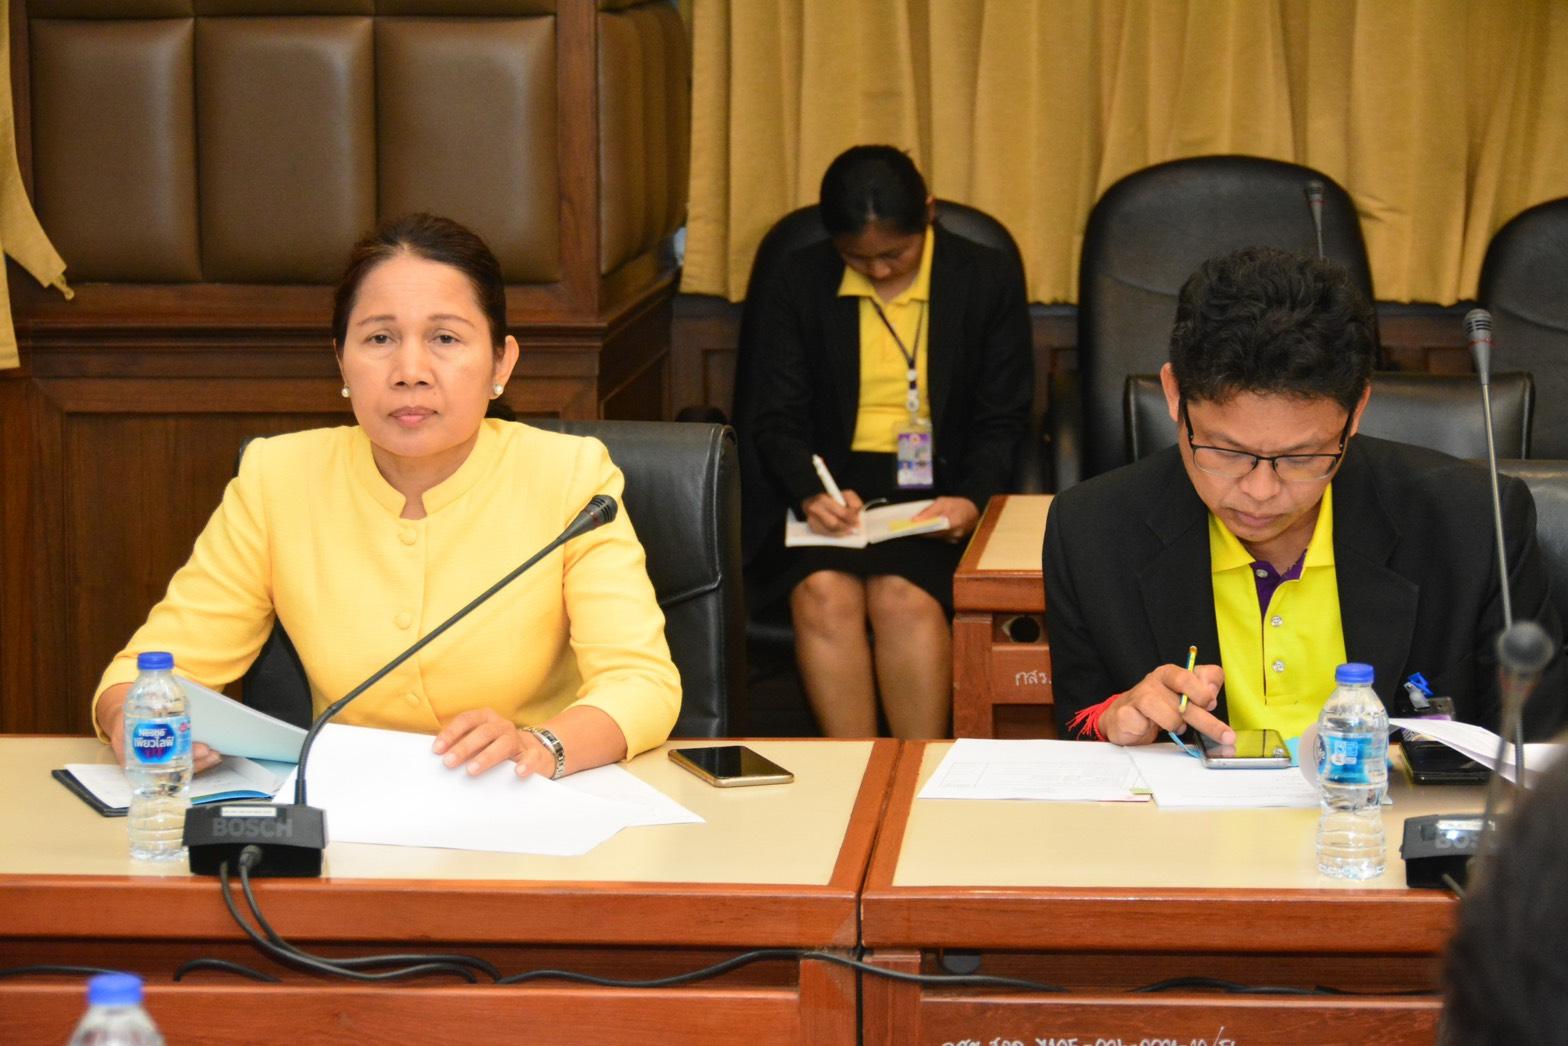 กกจ. ร่วมการประชุมคณะกรรมการบริหารสมาคมแม่บ้านกระทรวงแรงงาน ประจำปี 2562 ครั้งที่  3/2562